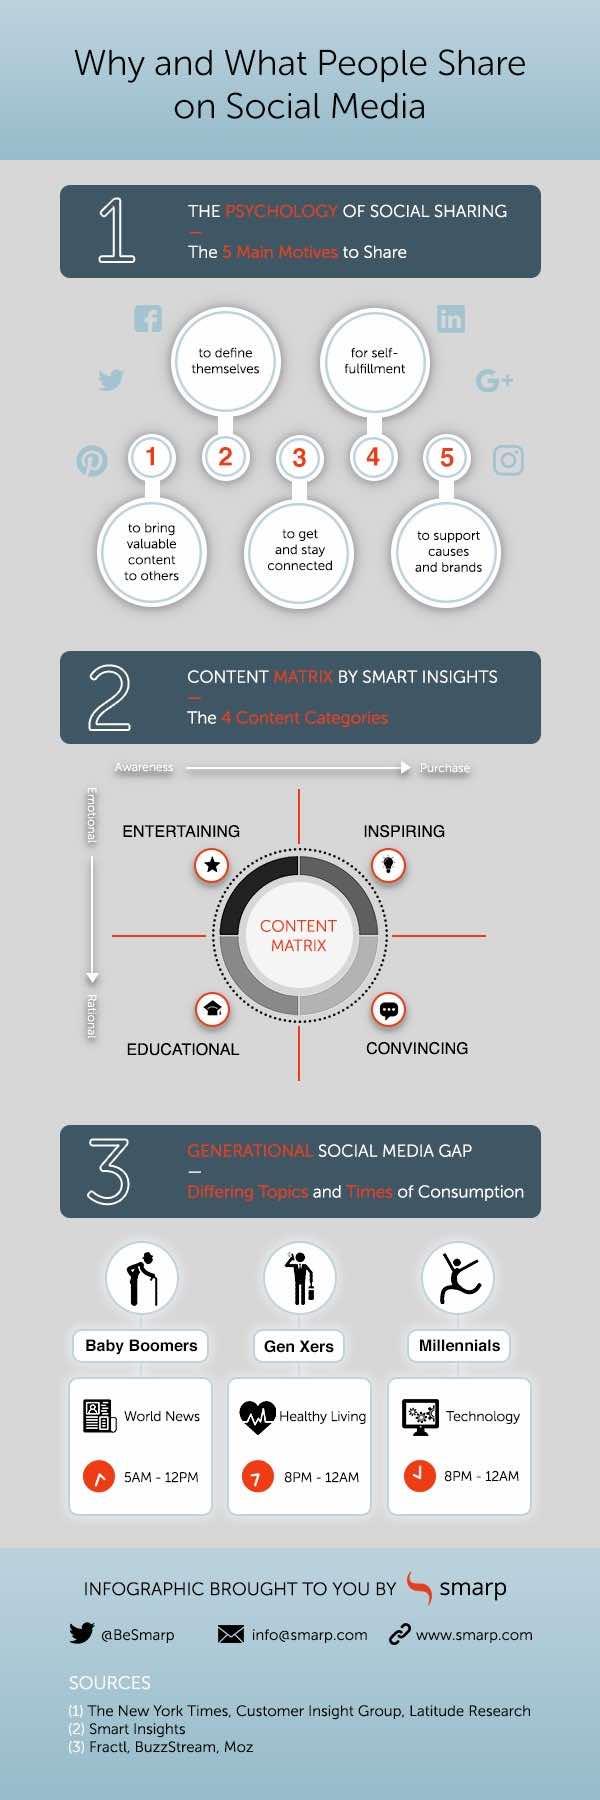 Jumlah Audiens Yang Melihat Campaign Di Social Media Biasa Disebut : jumlah, audiens, melihat, campaign, social, media, biasa, disebut, Memicu, Audiens, Menyebarkan, Konten, Media, Sosial?